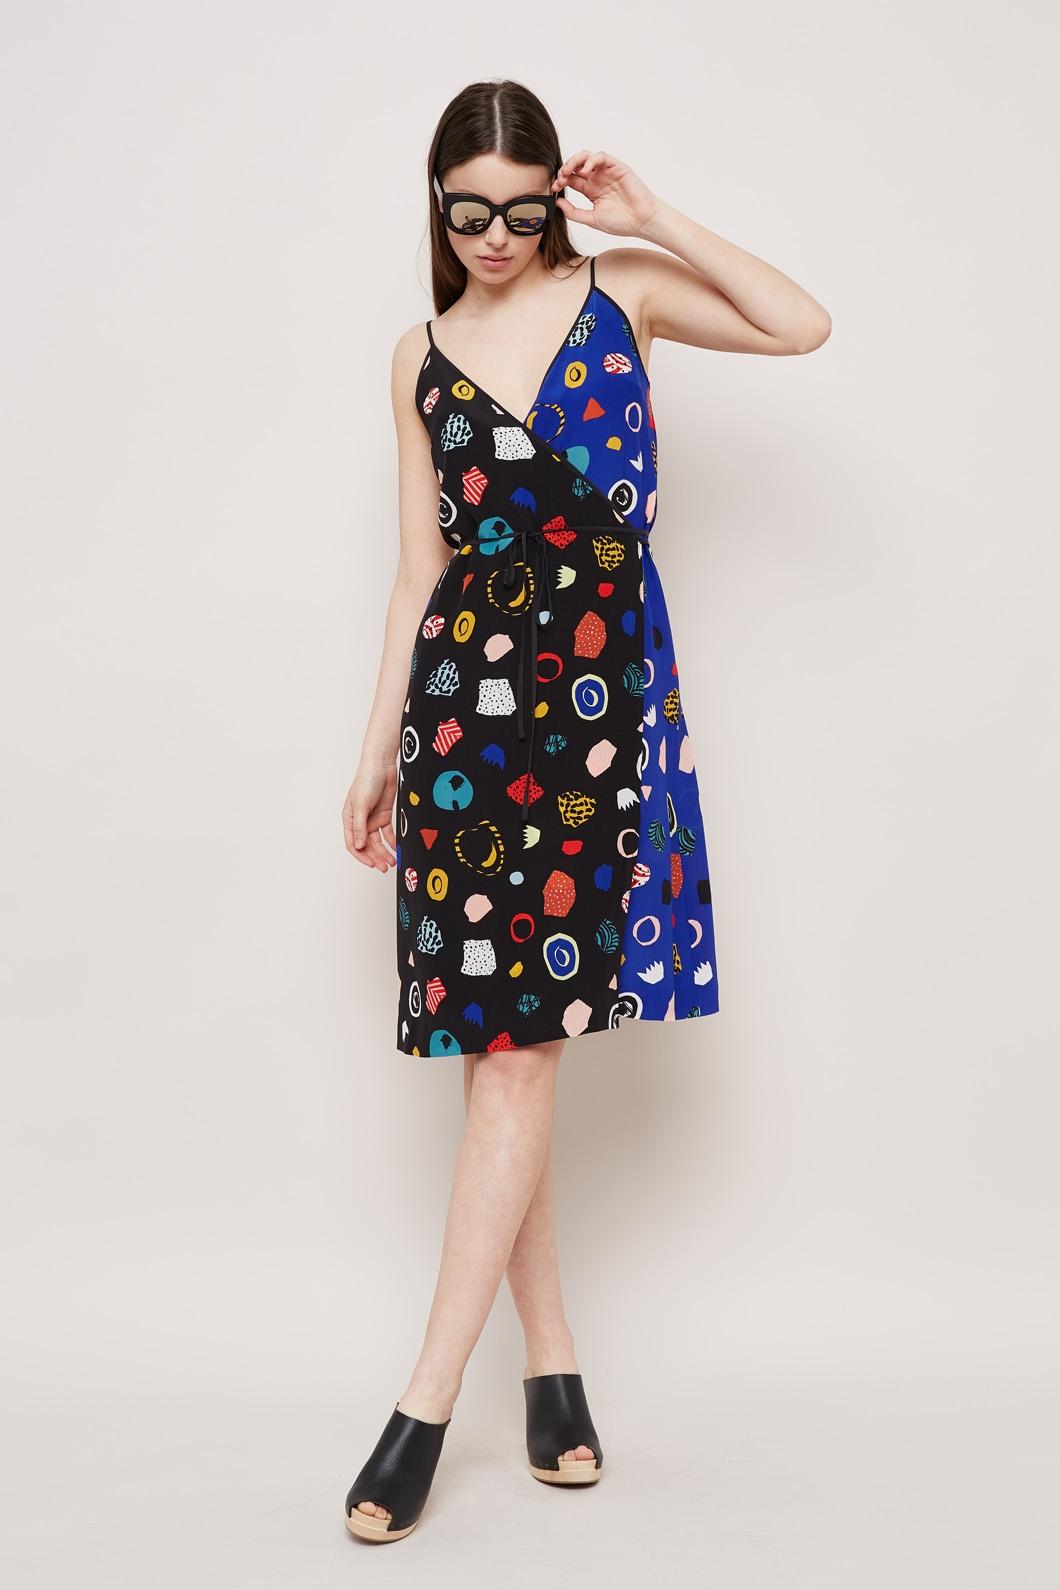 fleur noir et bleu dress (via  gormanshop )